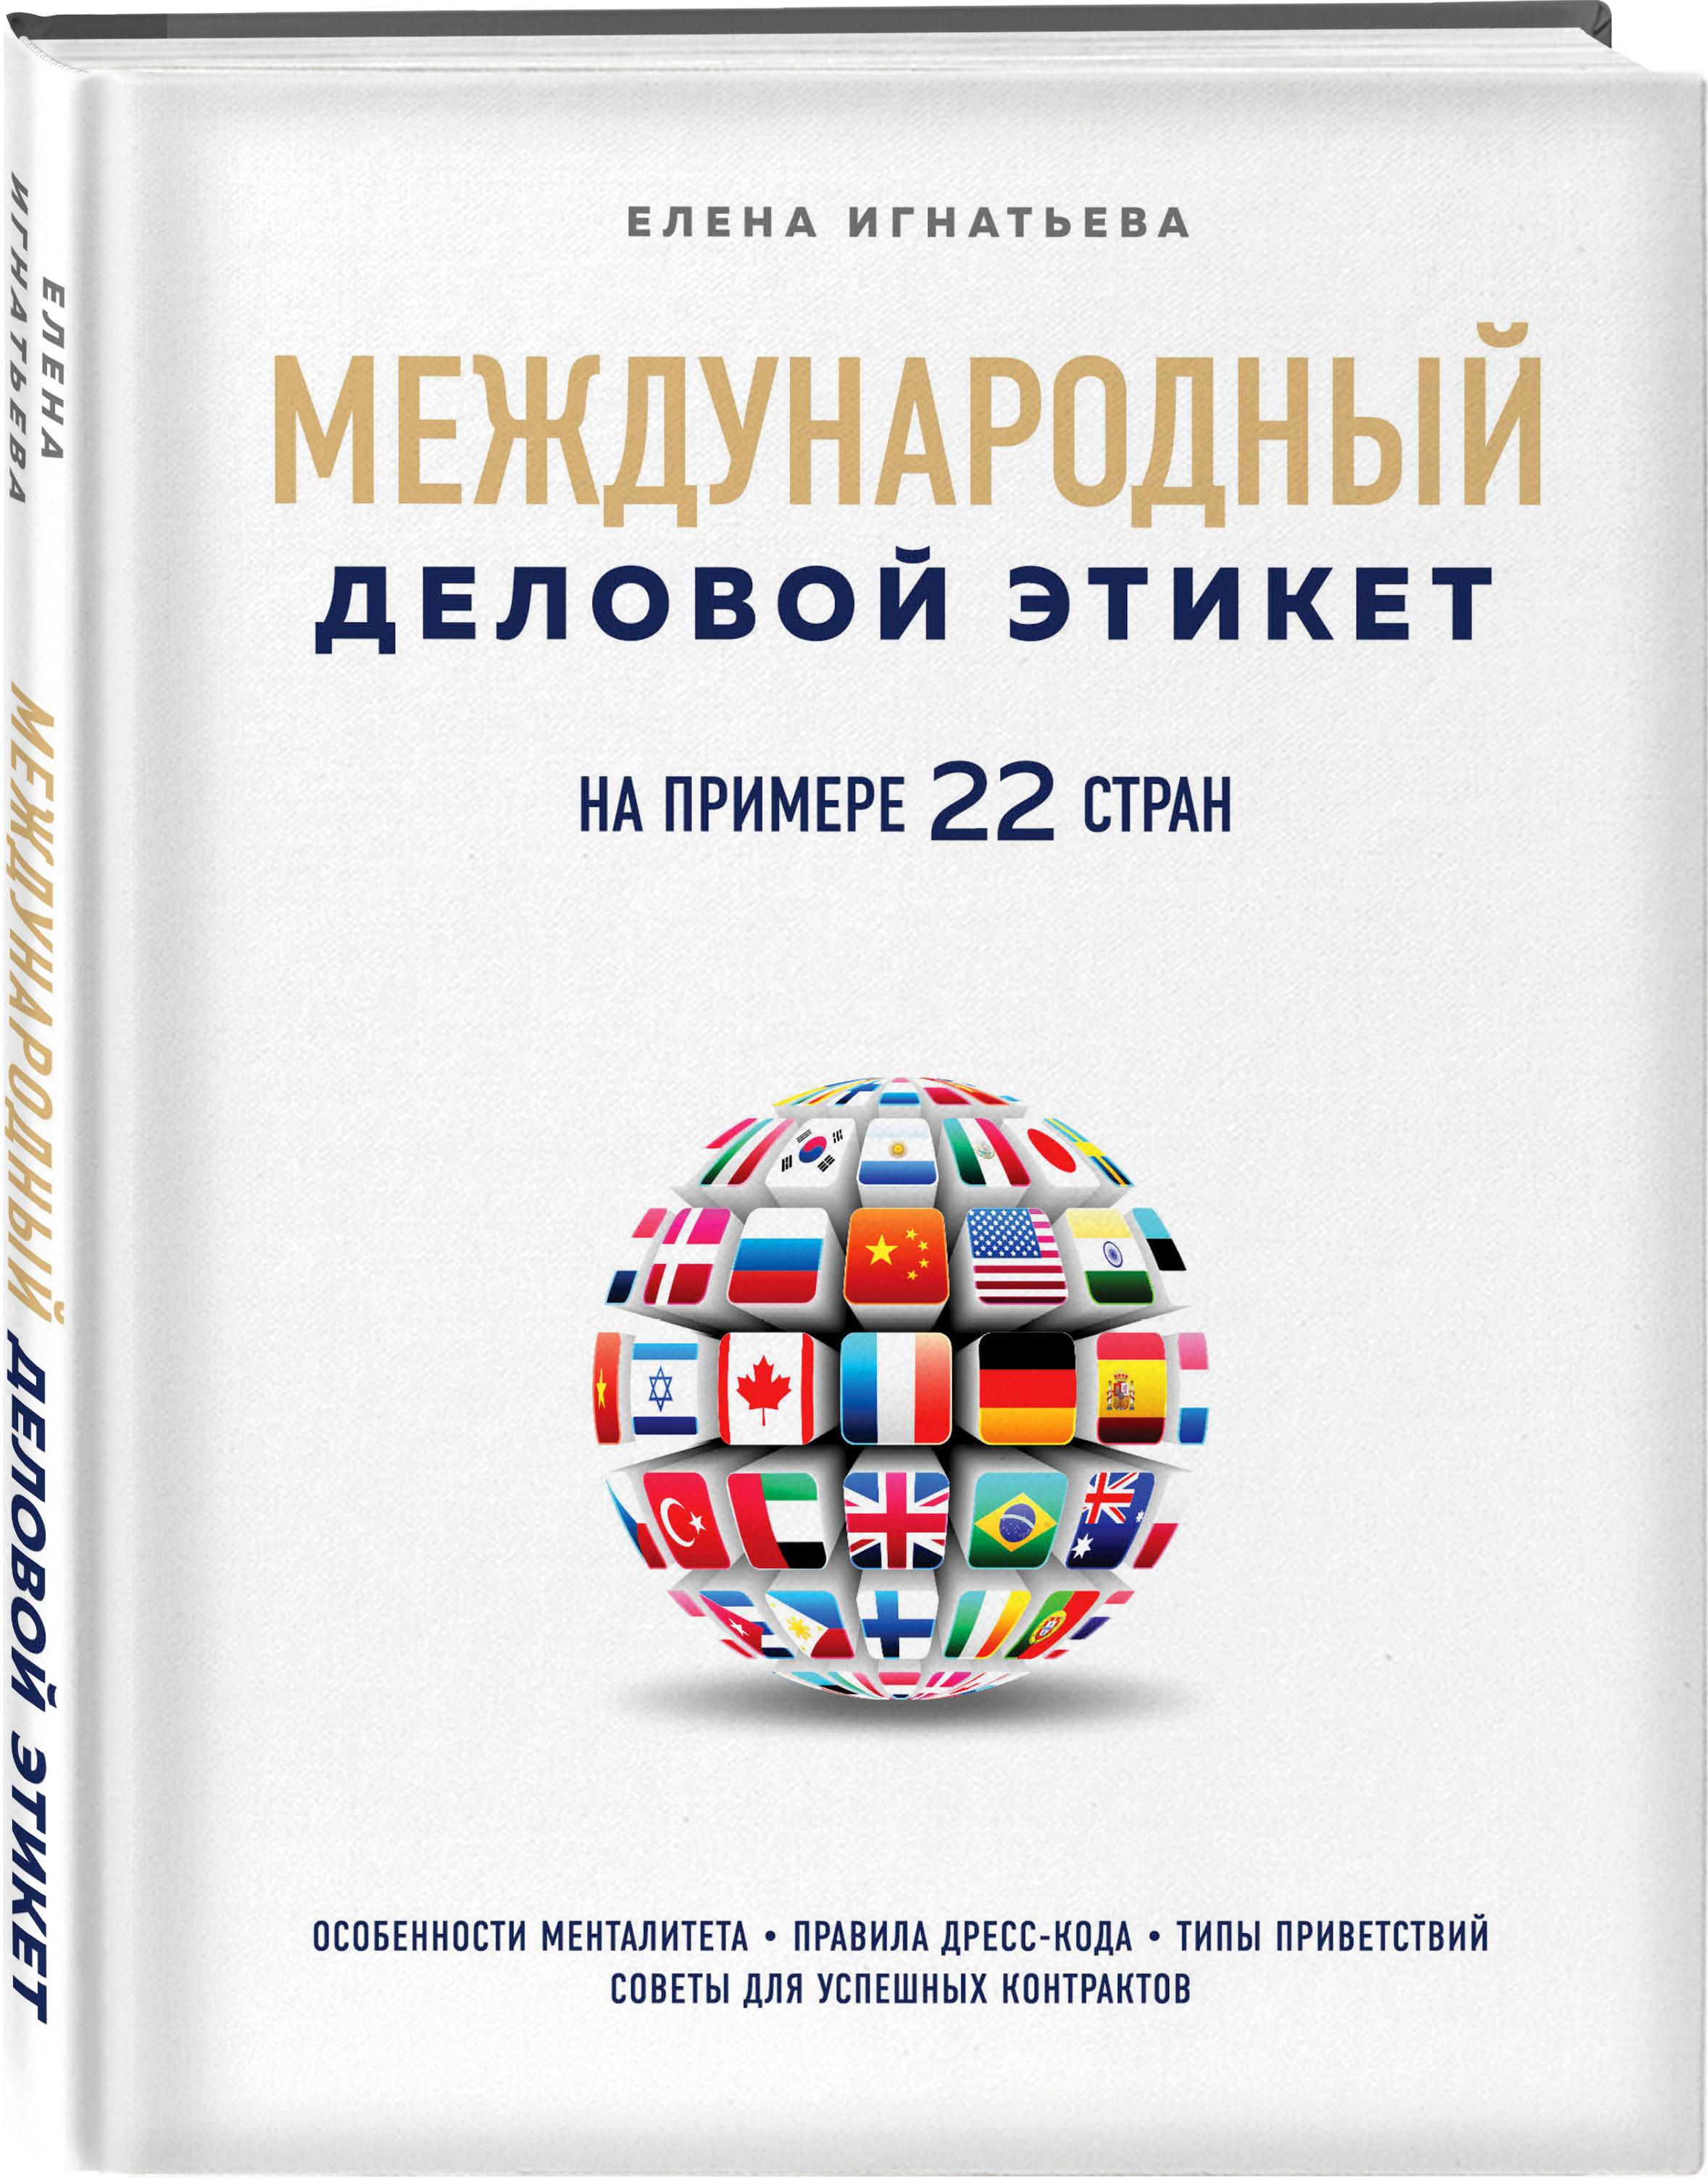 Международный деловой этикет на примере 22 стран ( Игнатьева Елена Сергеевна  )